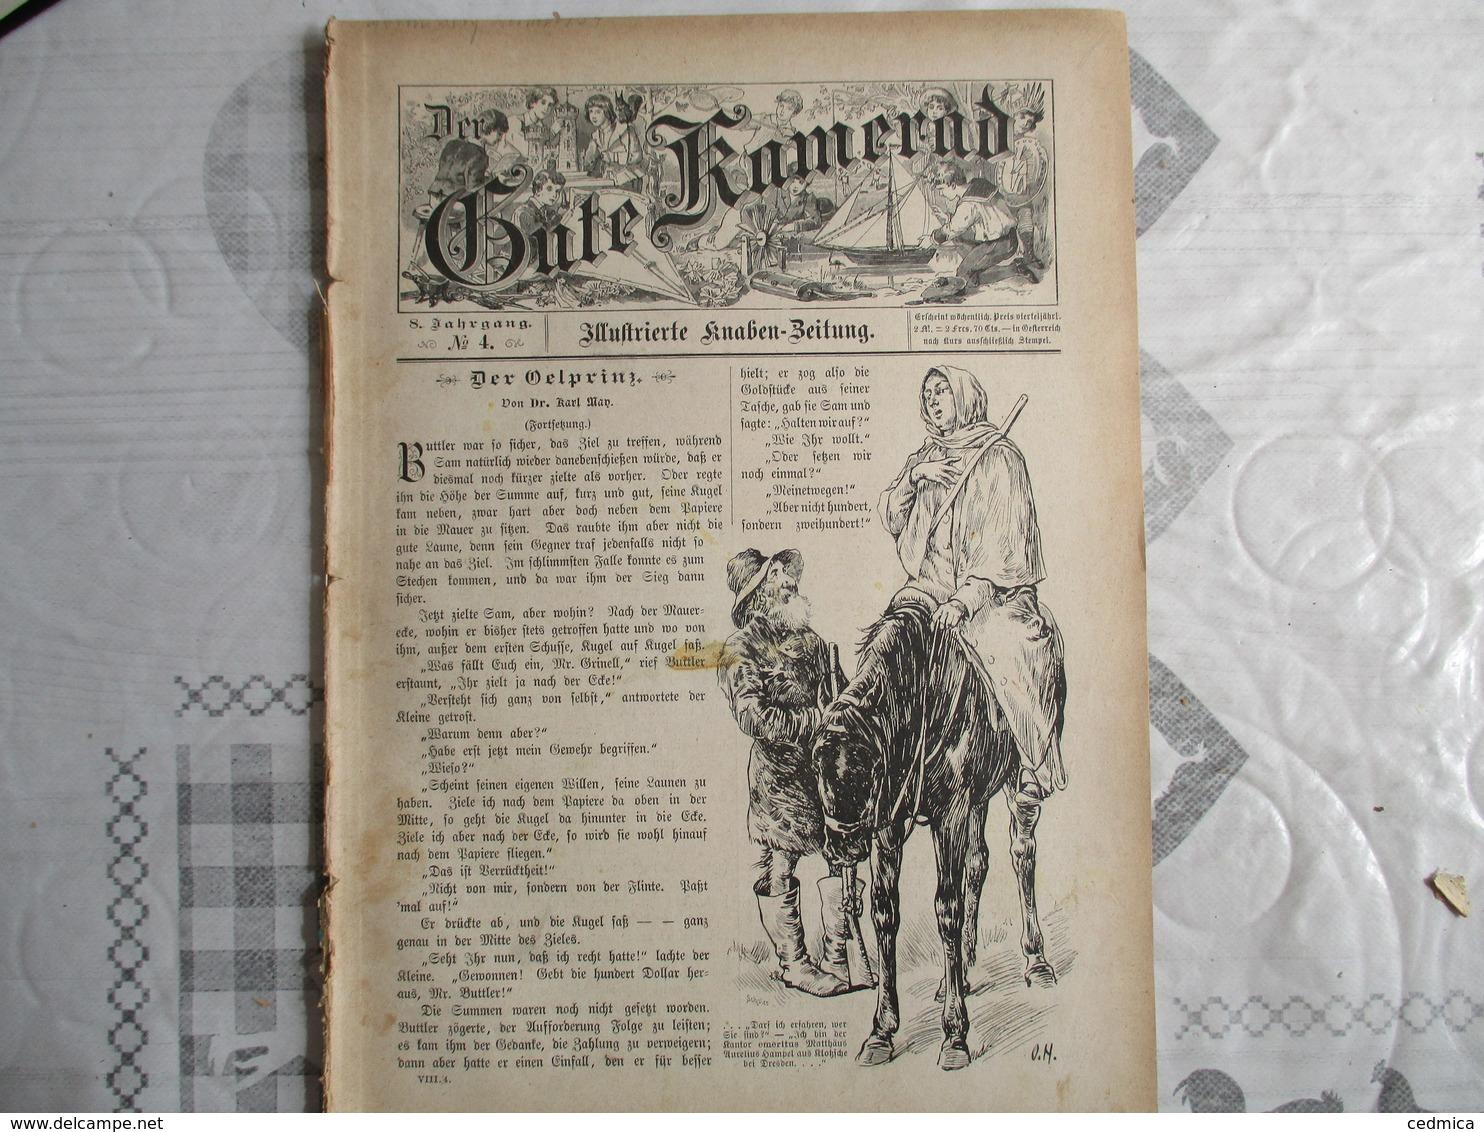 DER GUTE KAMERAD N°4  8. JAHRGANG 1895 - Revues & Journaux